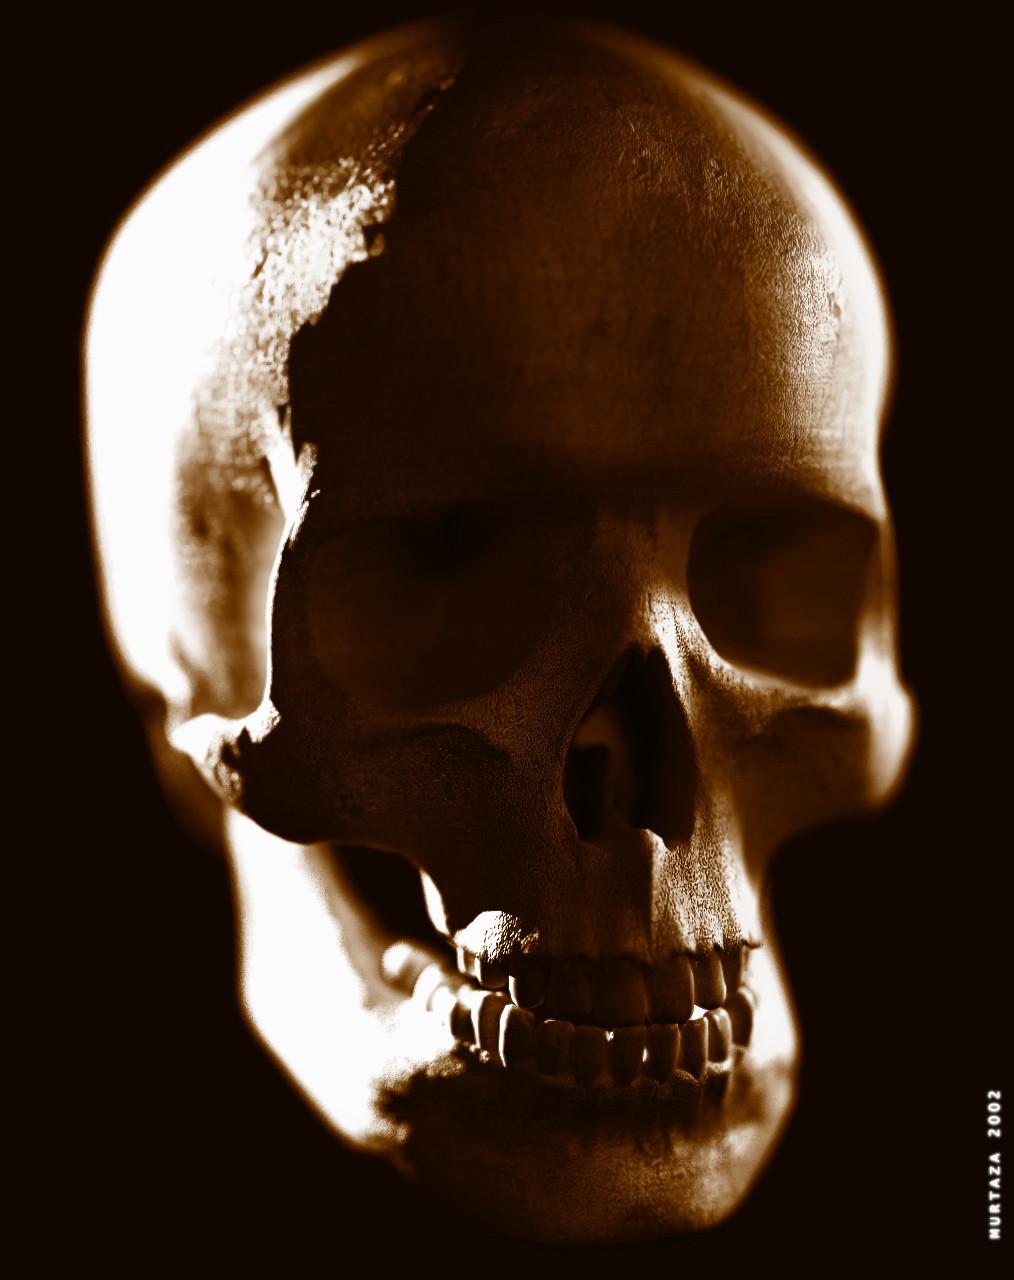 skullfinal.jpg